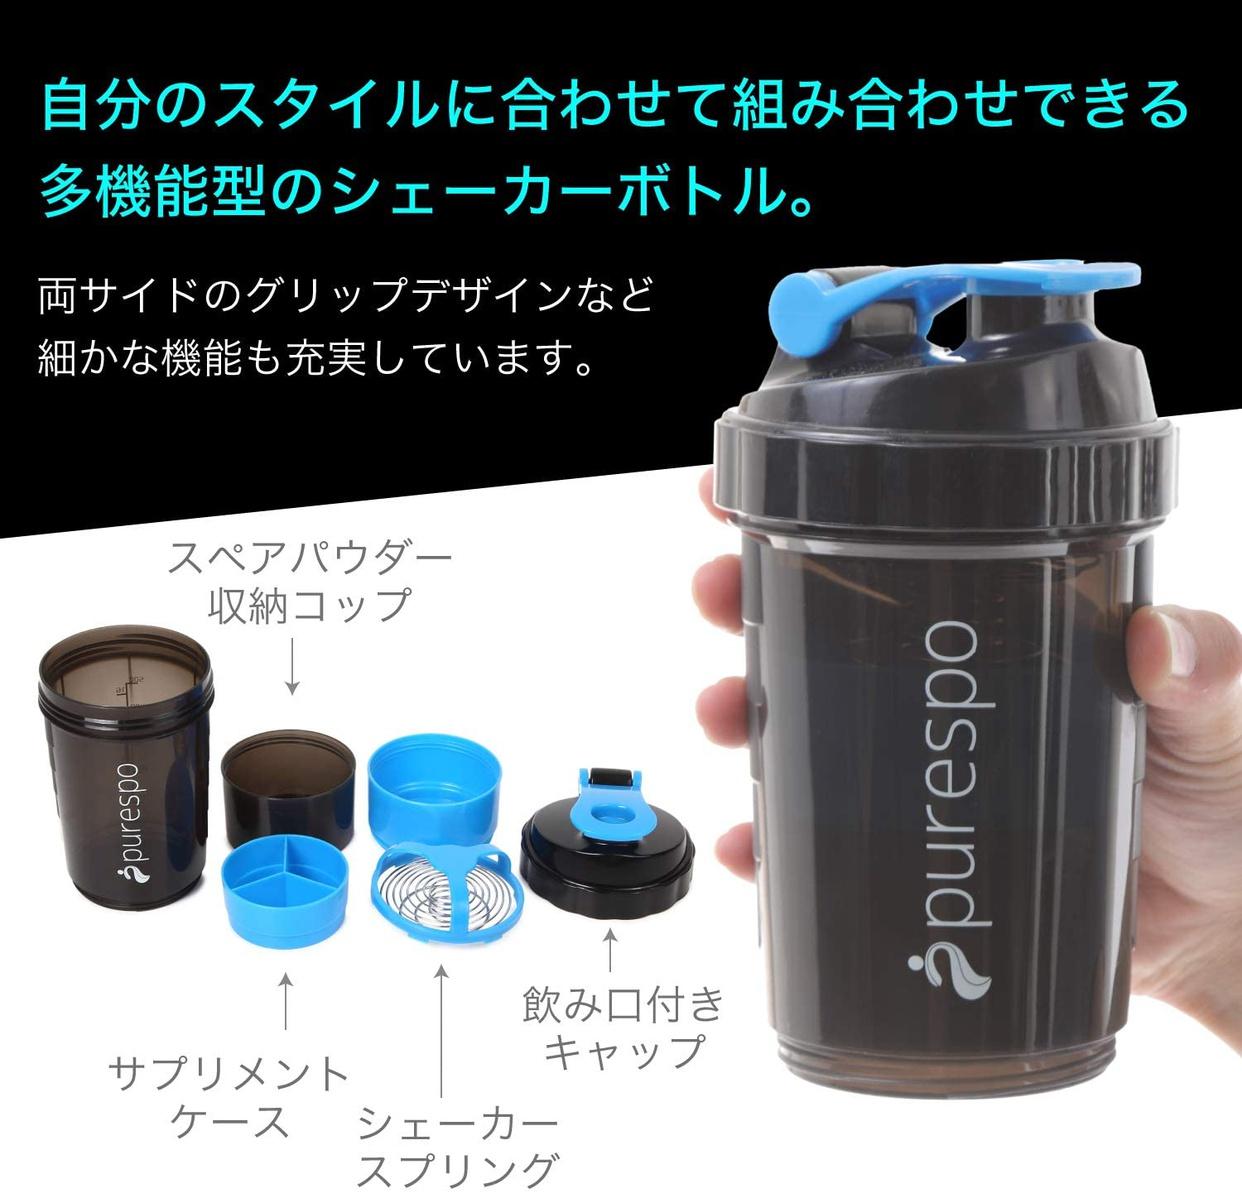 purespo(プレスポ) プロテイン シェーカーの商品画像4